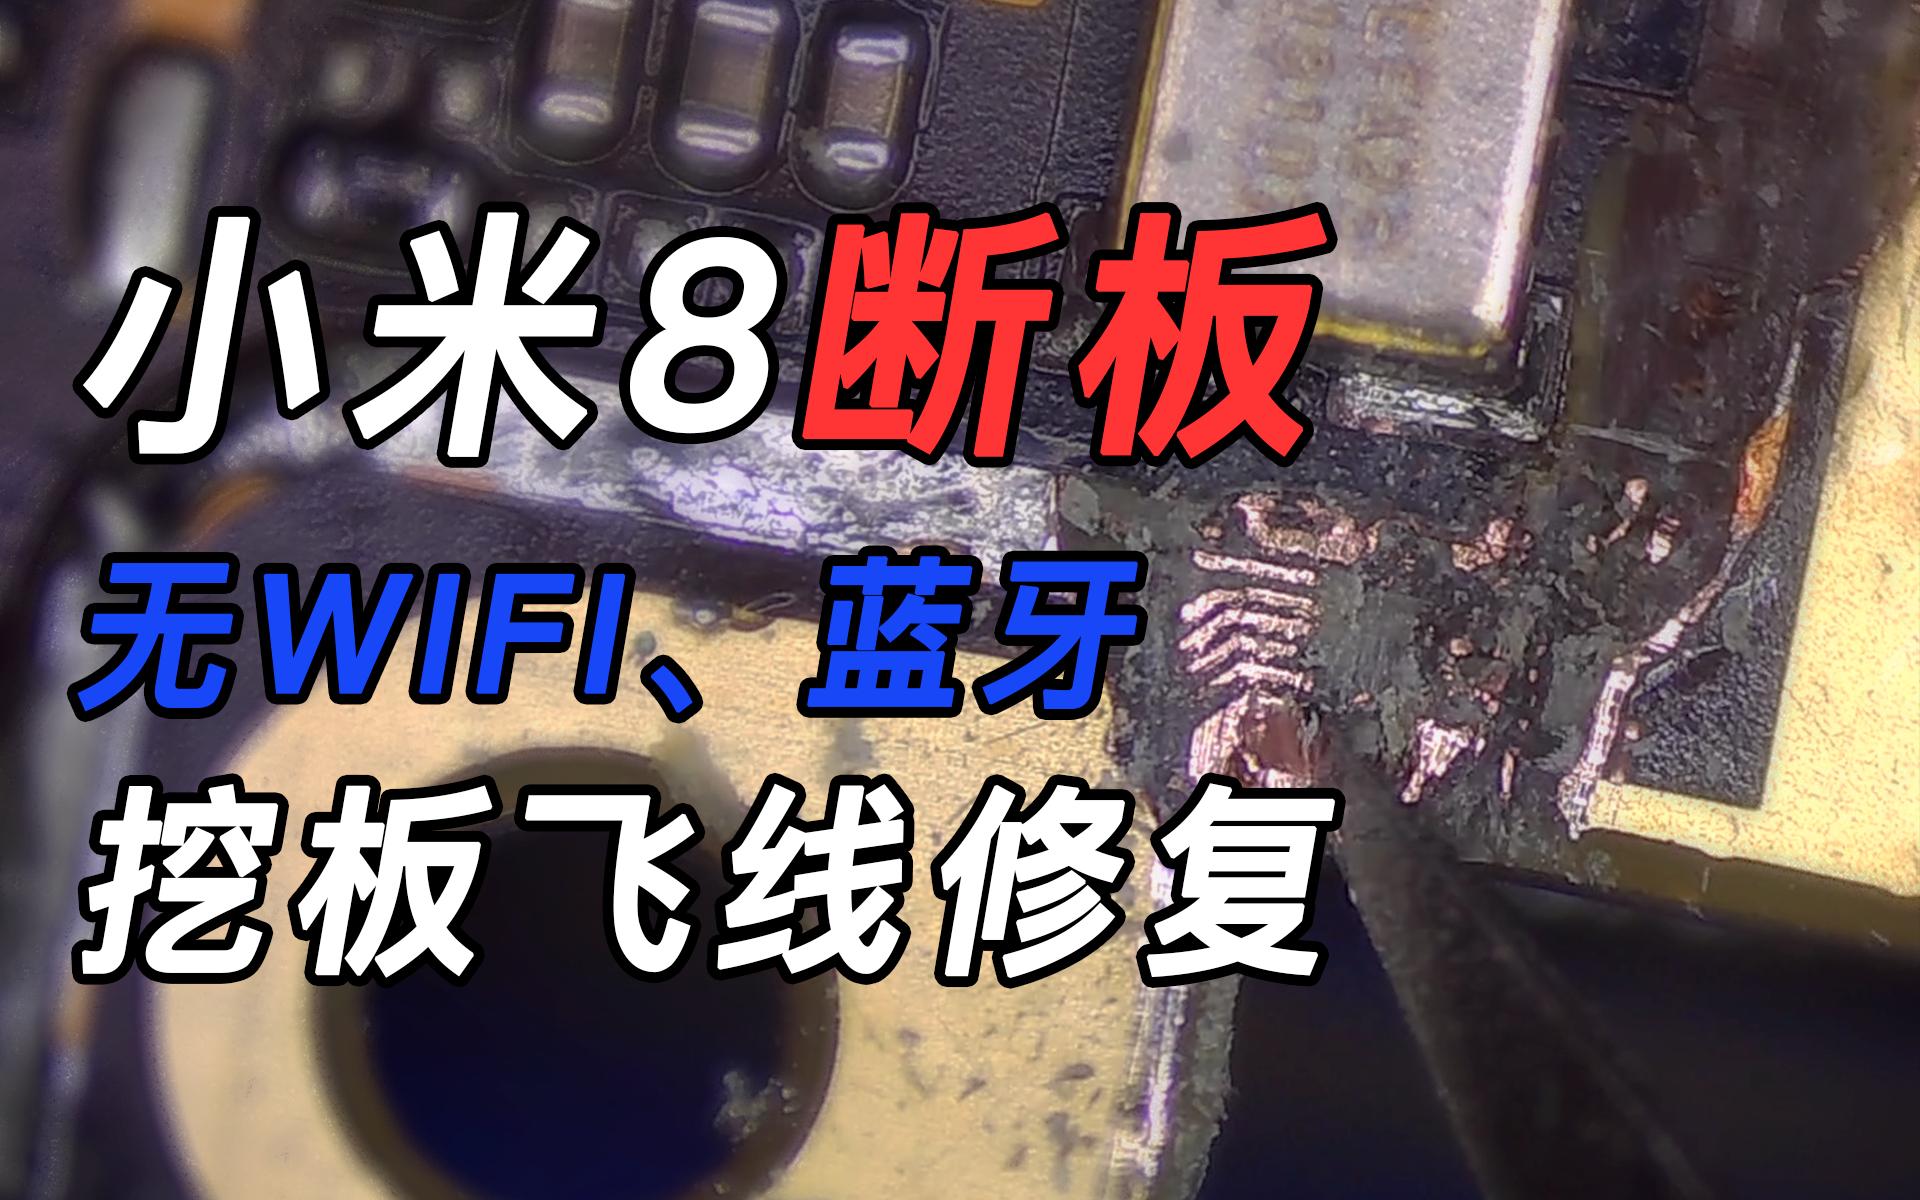 粉丝自己给小米8换电池不小心把Wi-Fi、蓝牙弄坏了,这种故障只要挖开板层飞线接起来就可以